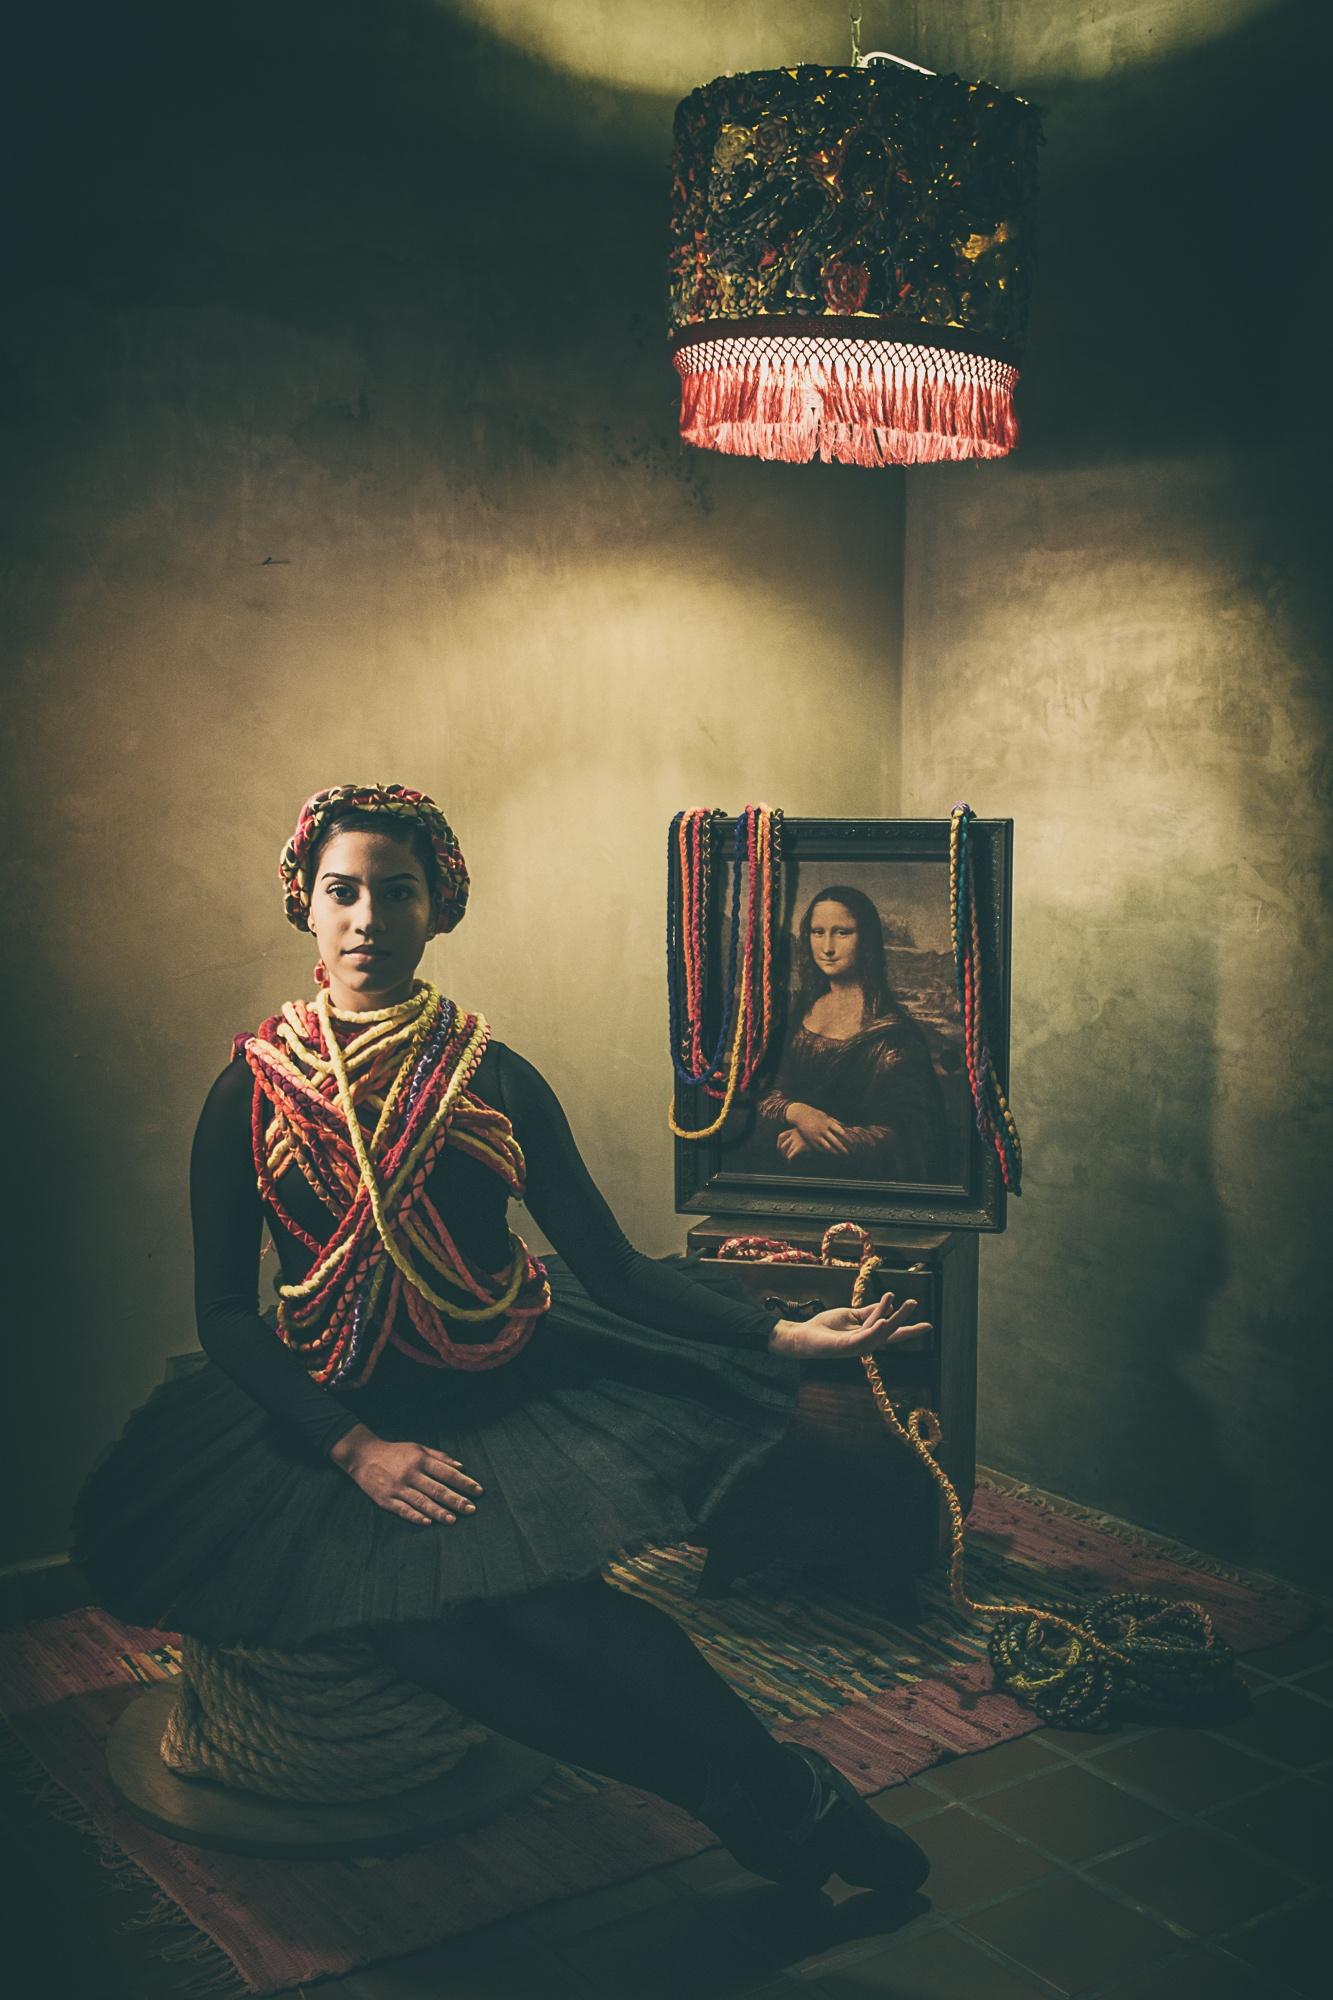 Retratos - Alejandro Coutinho, Photography